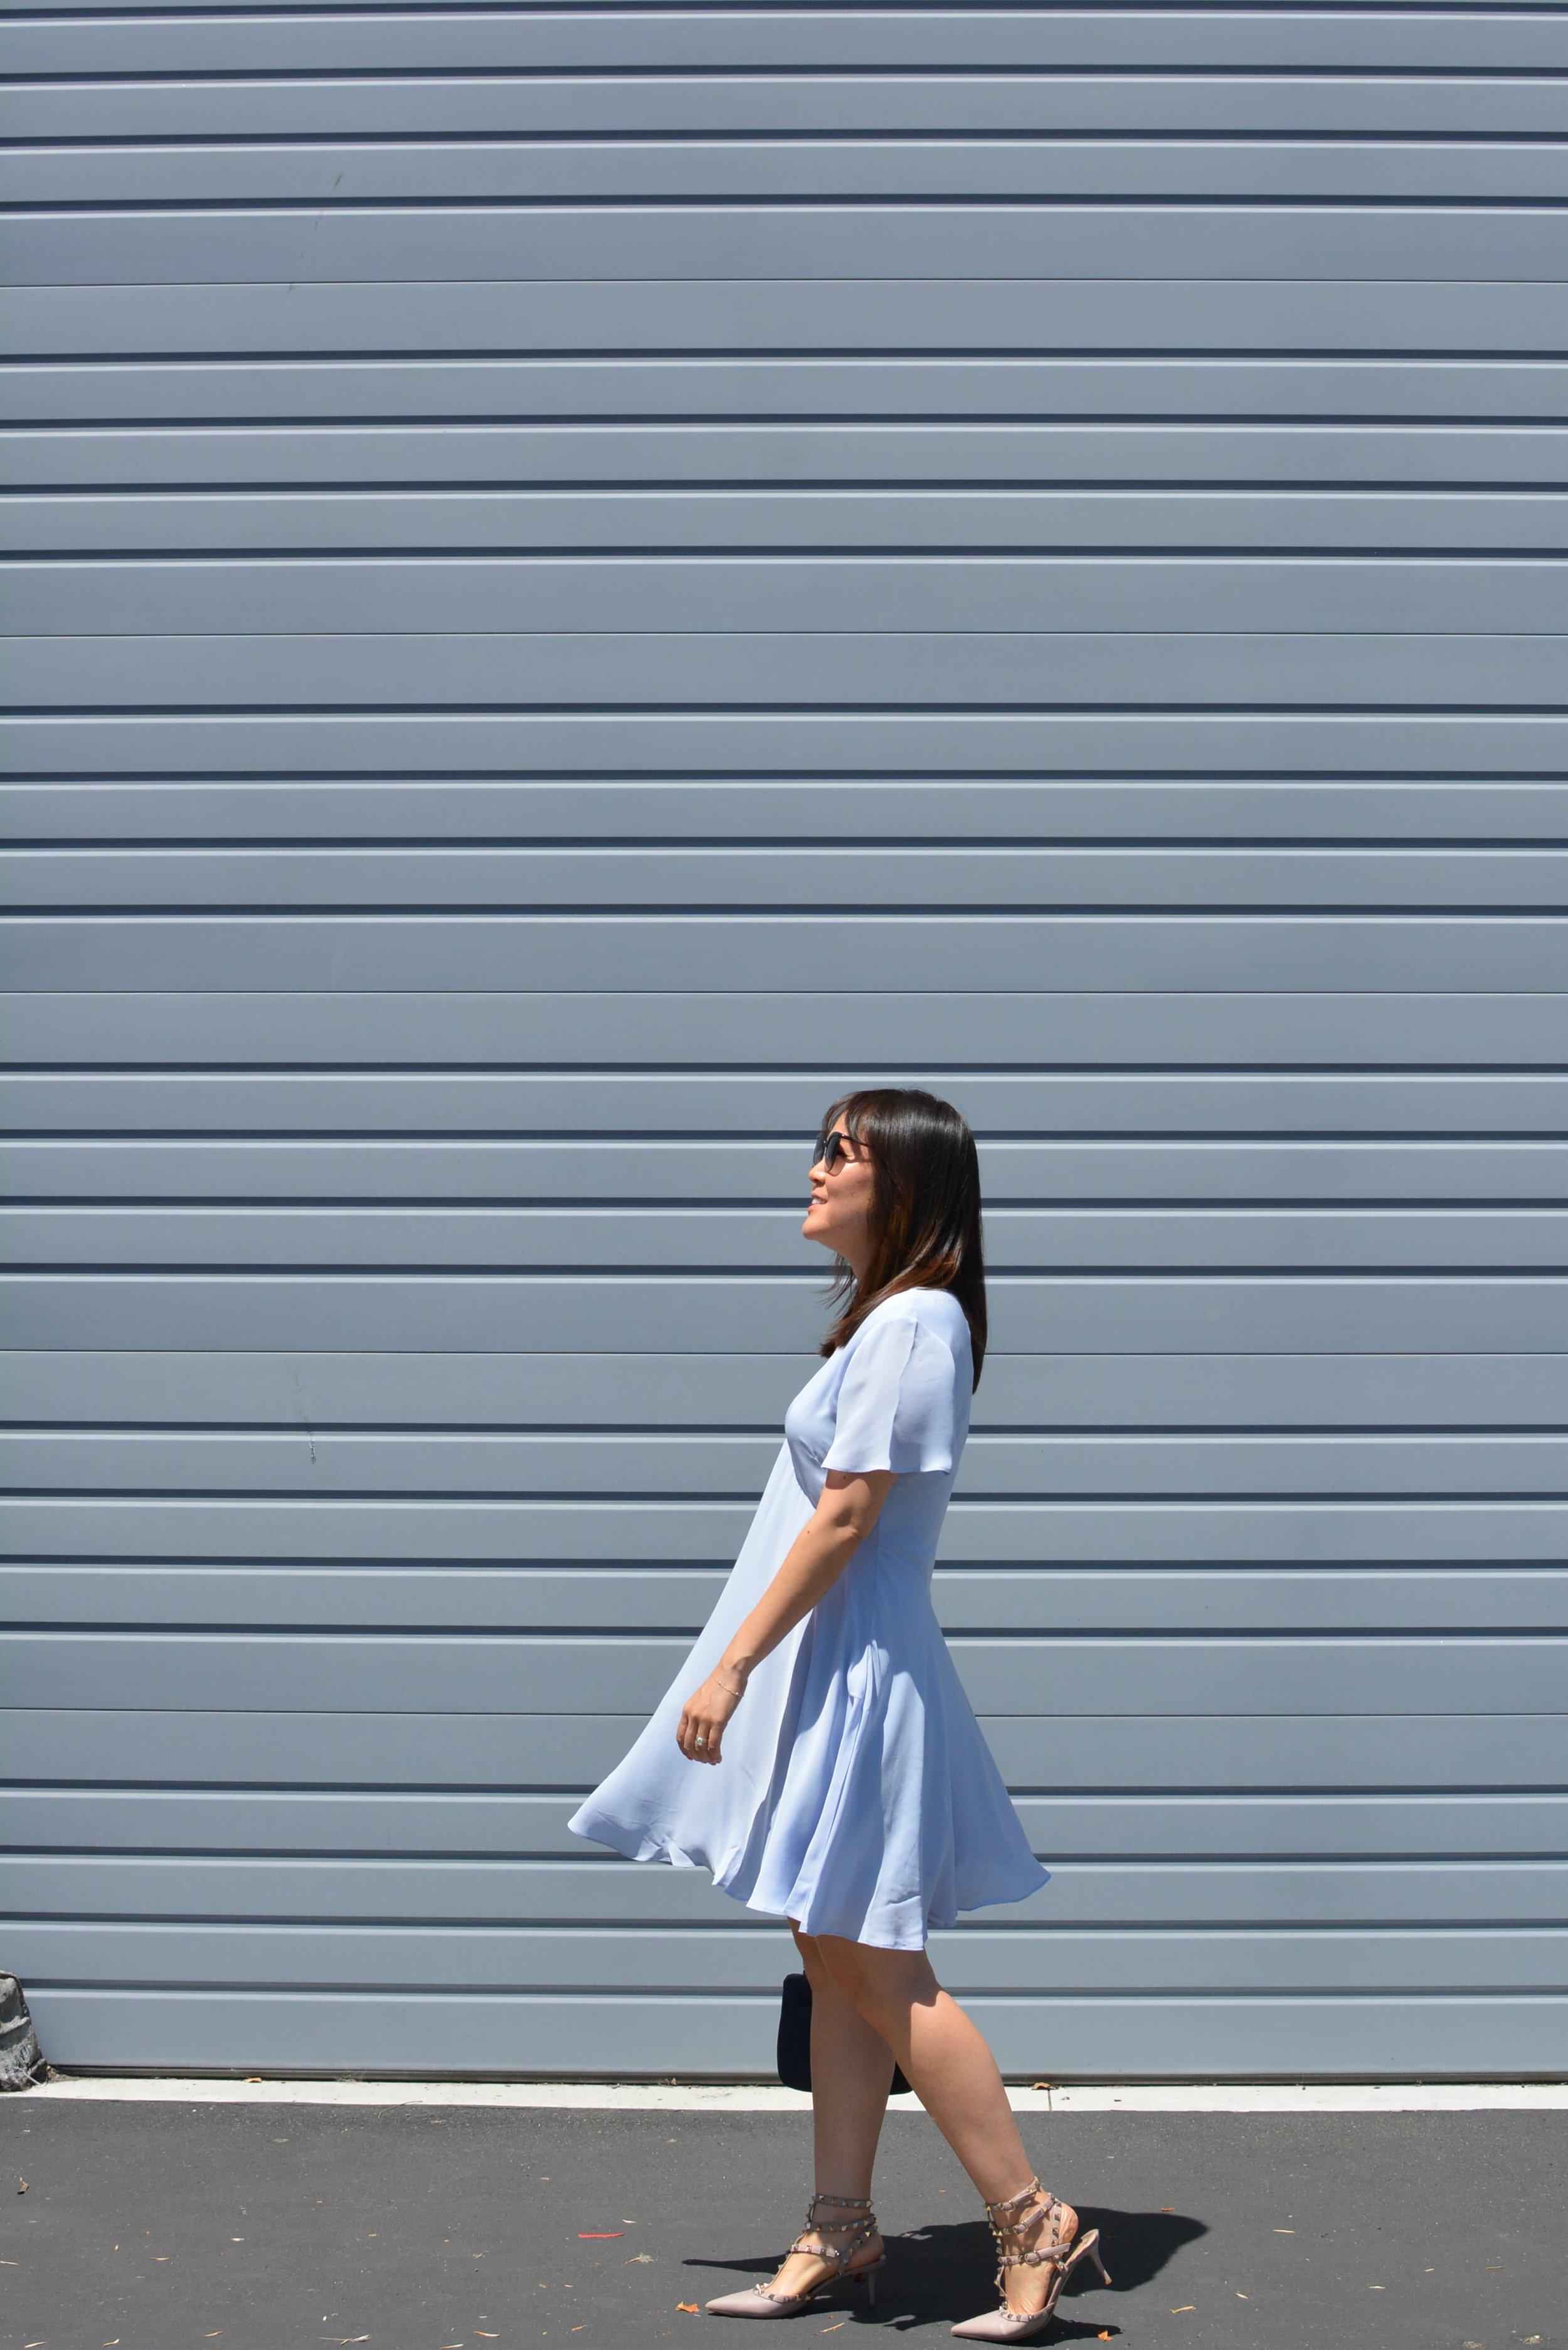 Grana Review Silk Tea Dress Black (3 of 3)-min.jpg